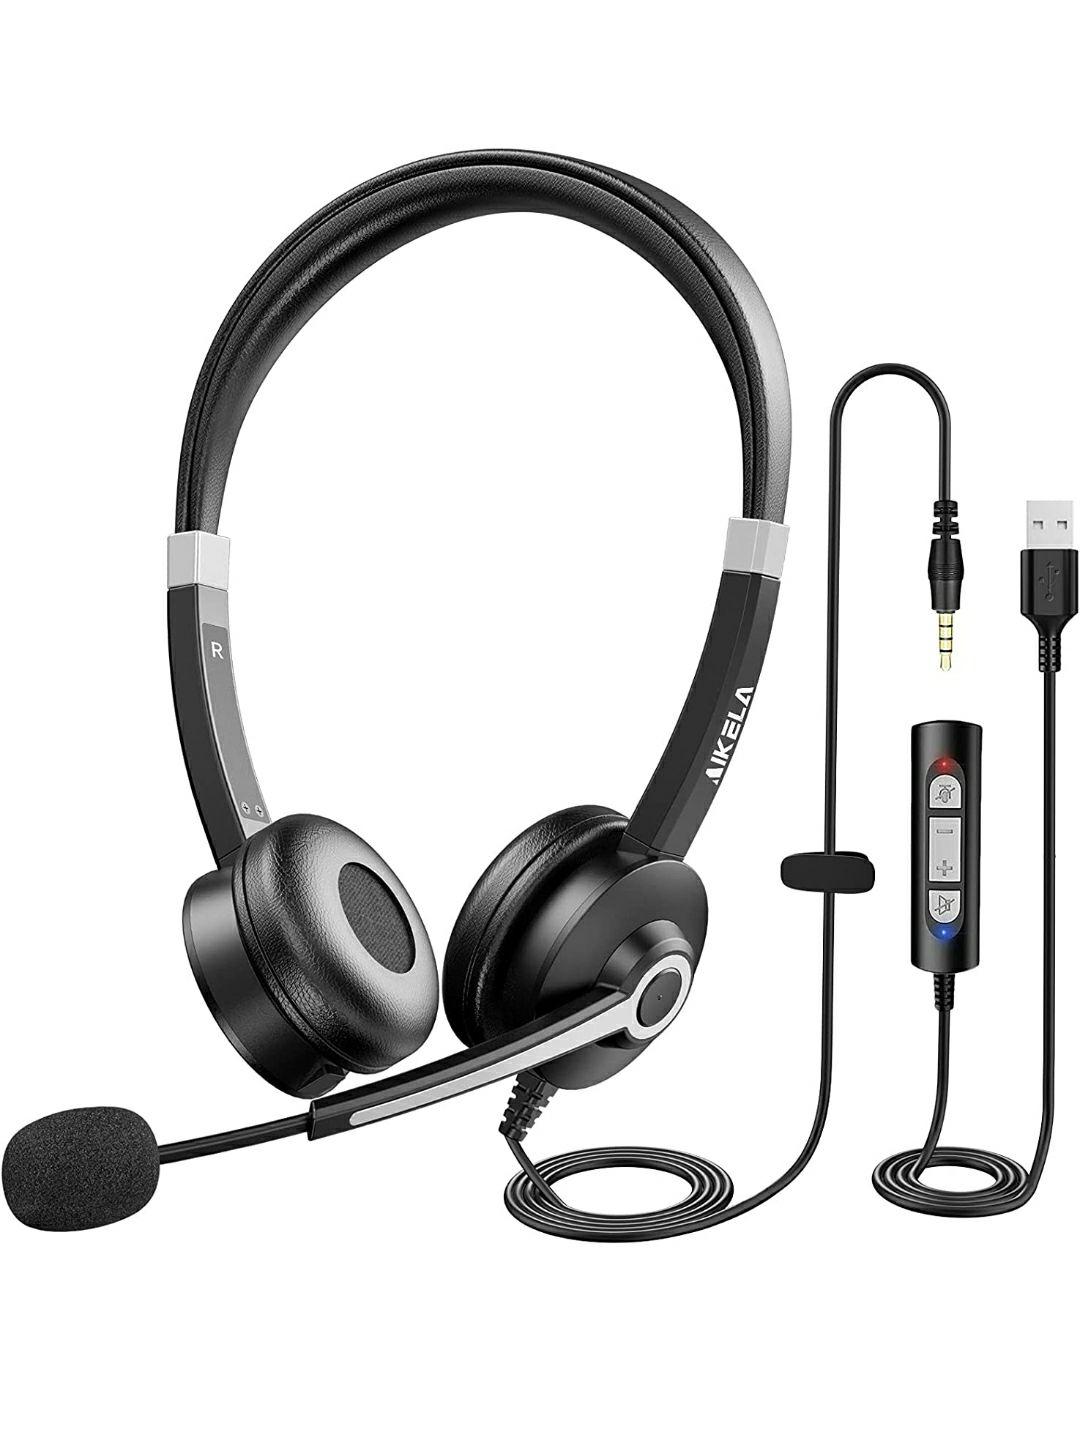 Cuffie con Microfono per PC con Cancellazione di Rumore e Controllo del Volume